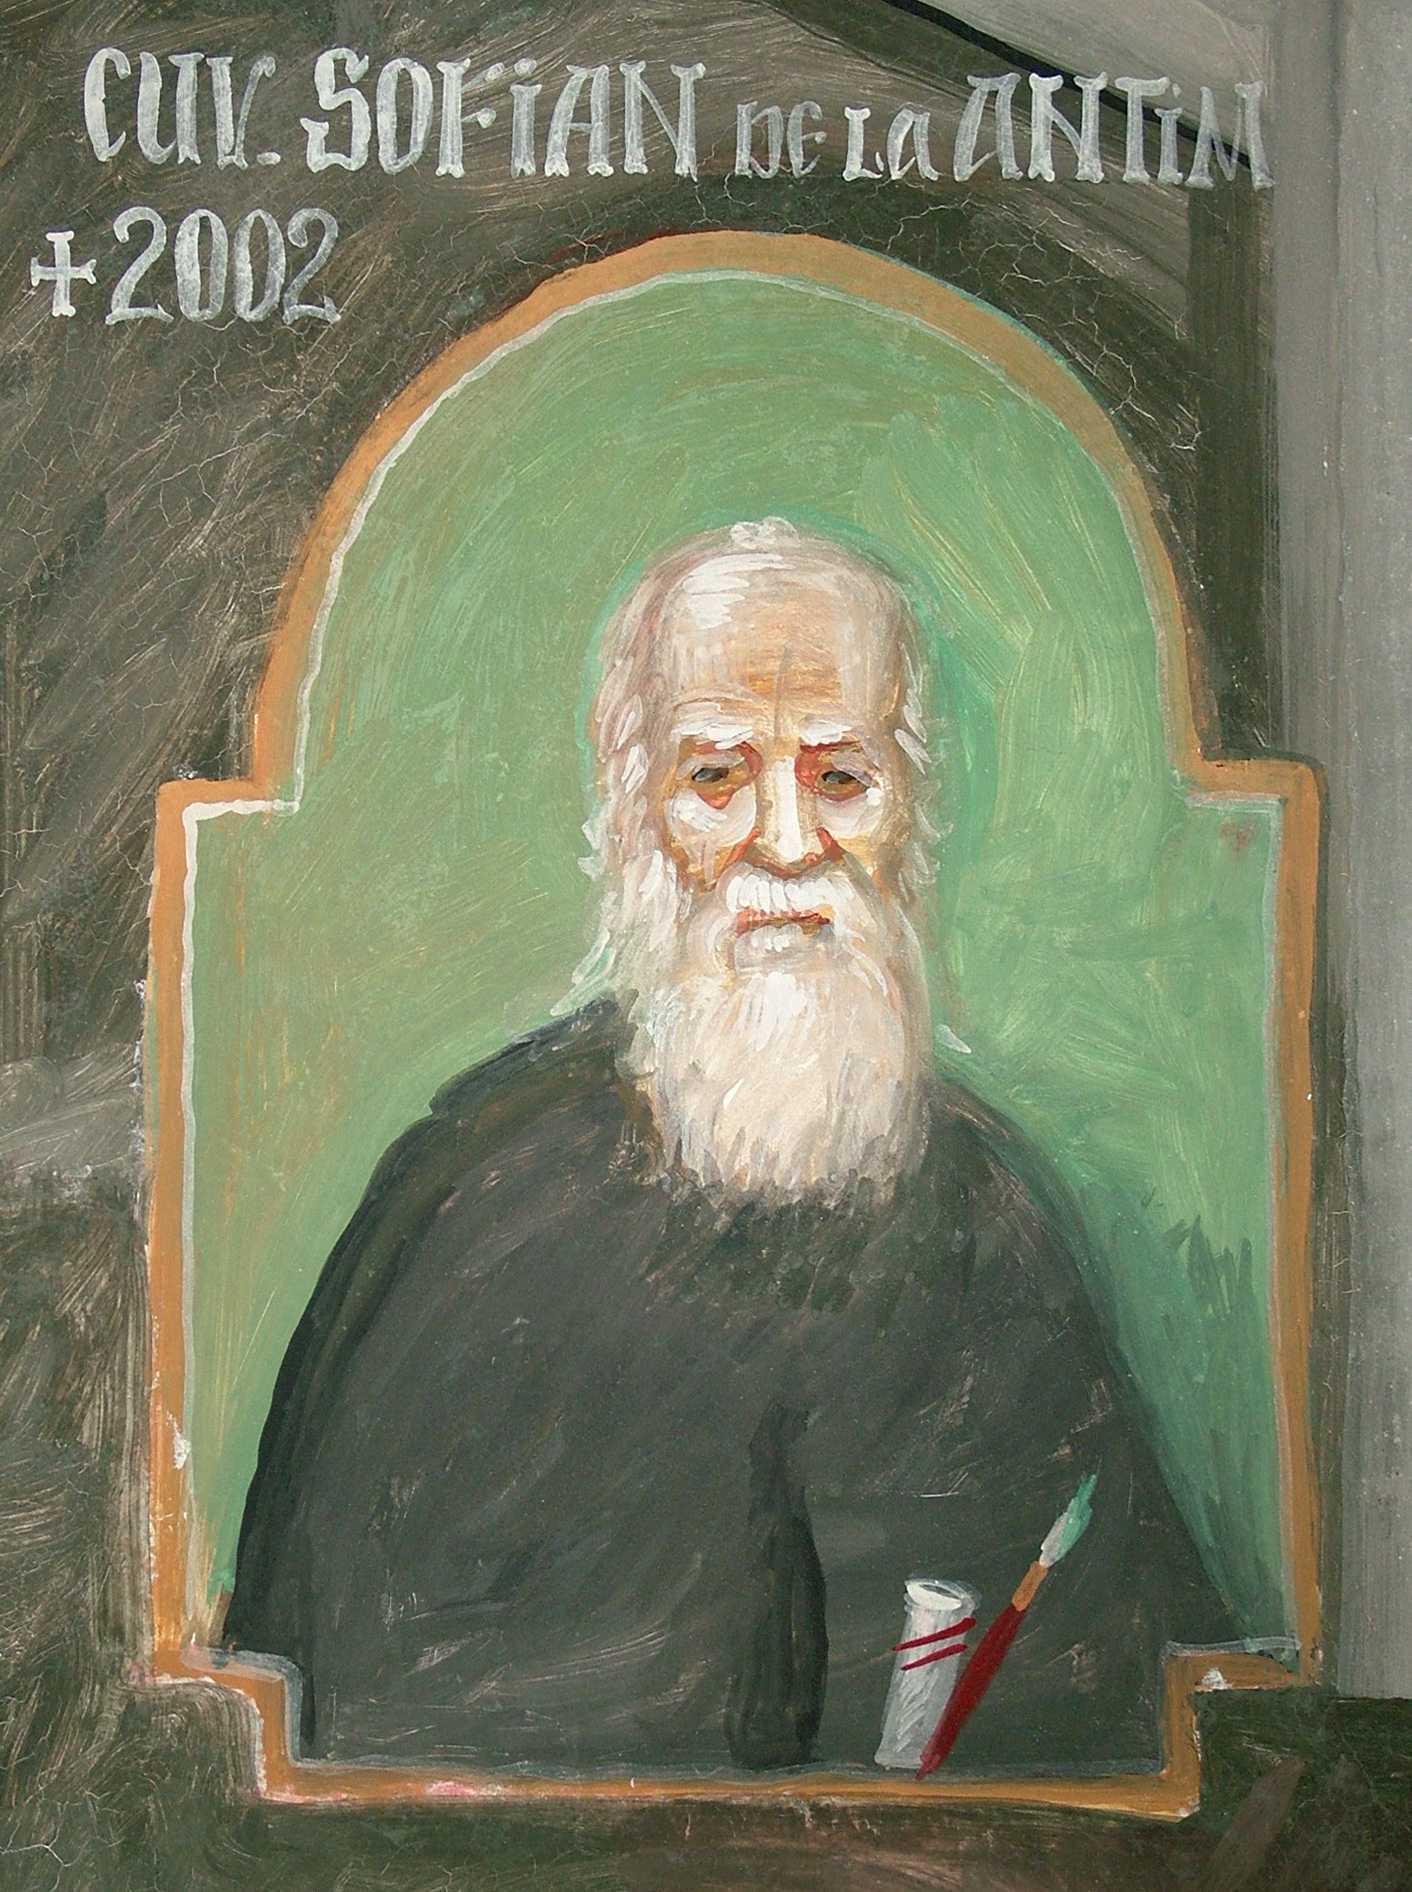 """ARHIMANDRITUL SOFIAN de la Mănăstirea Antim († 14 septembrie 2002), PARINTELE ECHILIBRULUI, MUNTELE DE BLANDETE IMBRACAT IN LUMINA: <i>""""Trecem printr-un moment foarte dificil din multe puncte de vedere și avem nevoie de un anumit echilibru, FĂRĂ EXTREME… Cred că ar trebui să meargă mai multă lume să se roage la mormântul Părintelui Sofian şi să-i ceară ajutorul""""</i>"""